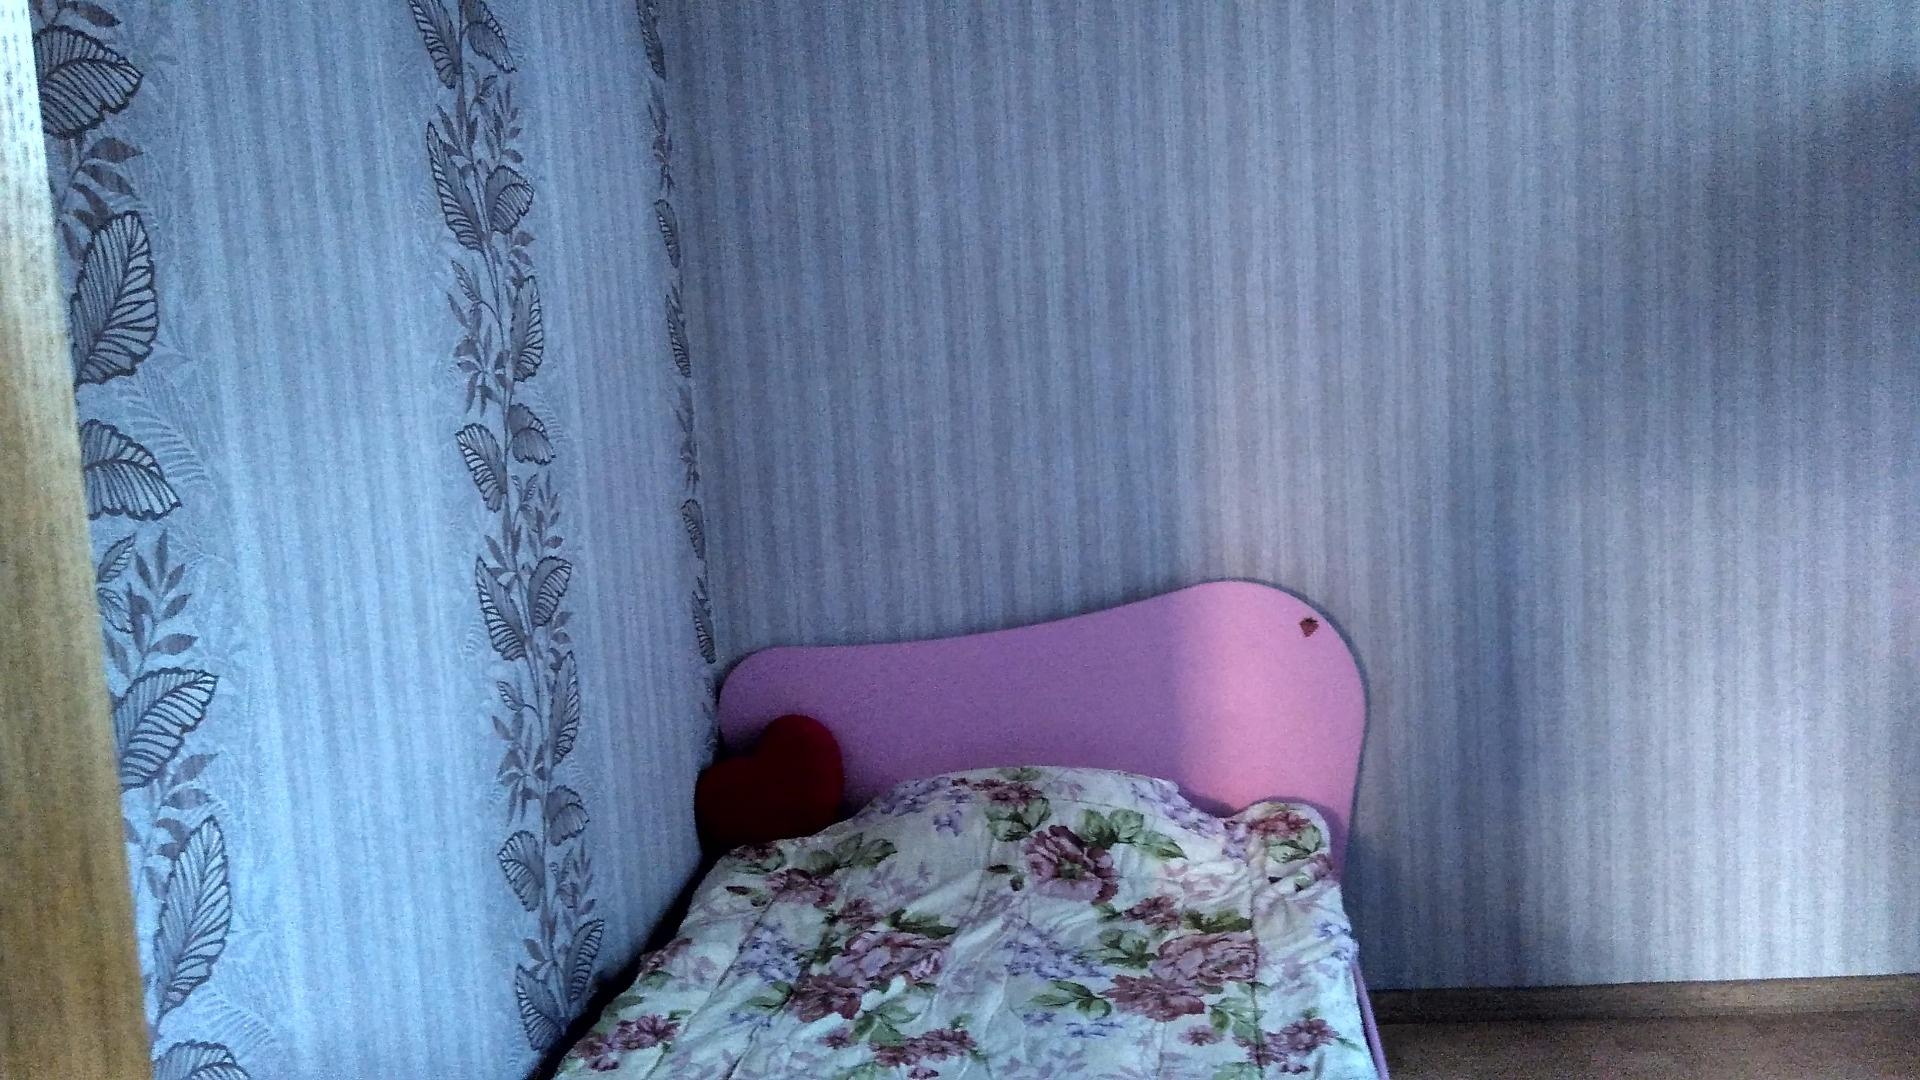 Продается 3-комнатная квартира на ул. Малая Арнаутская (Воровского) — 130 000 у.е. (фото №11)